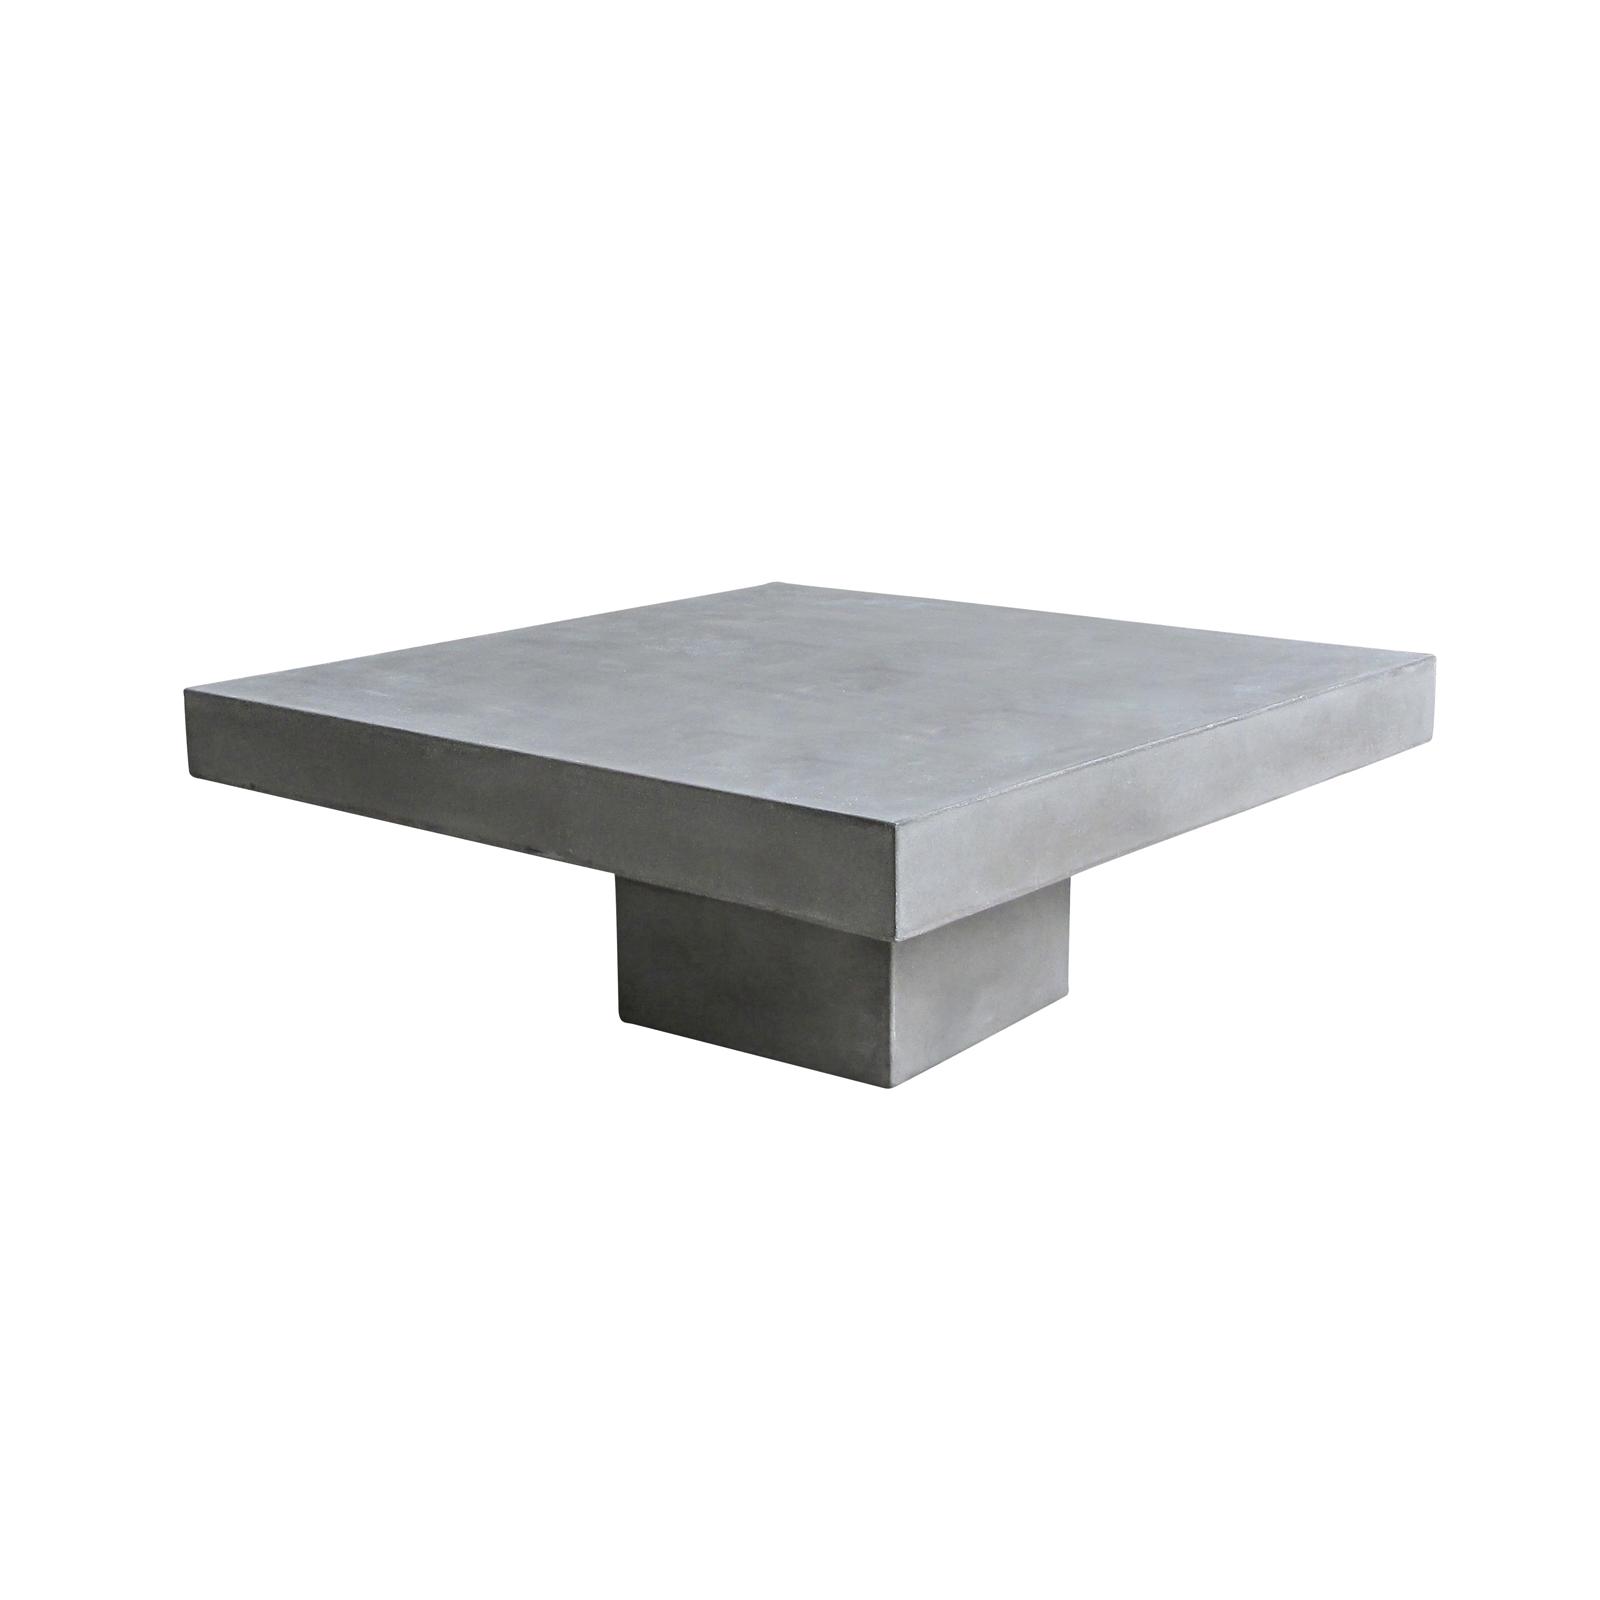 couchtisch 80x80 cm cement tischplatte und rahmen aus leichtbeton ebay. Black Bedroom Furniture Sets. Home Design Ideas